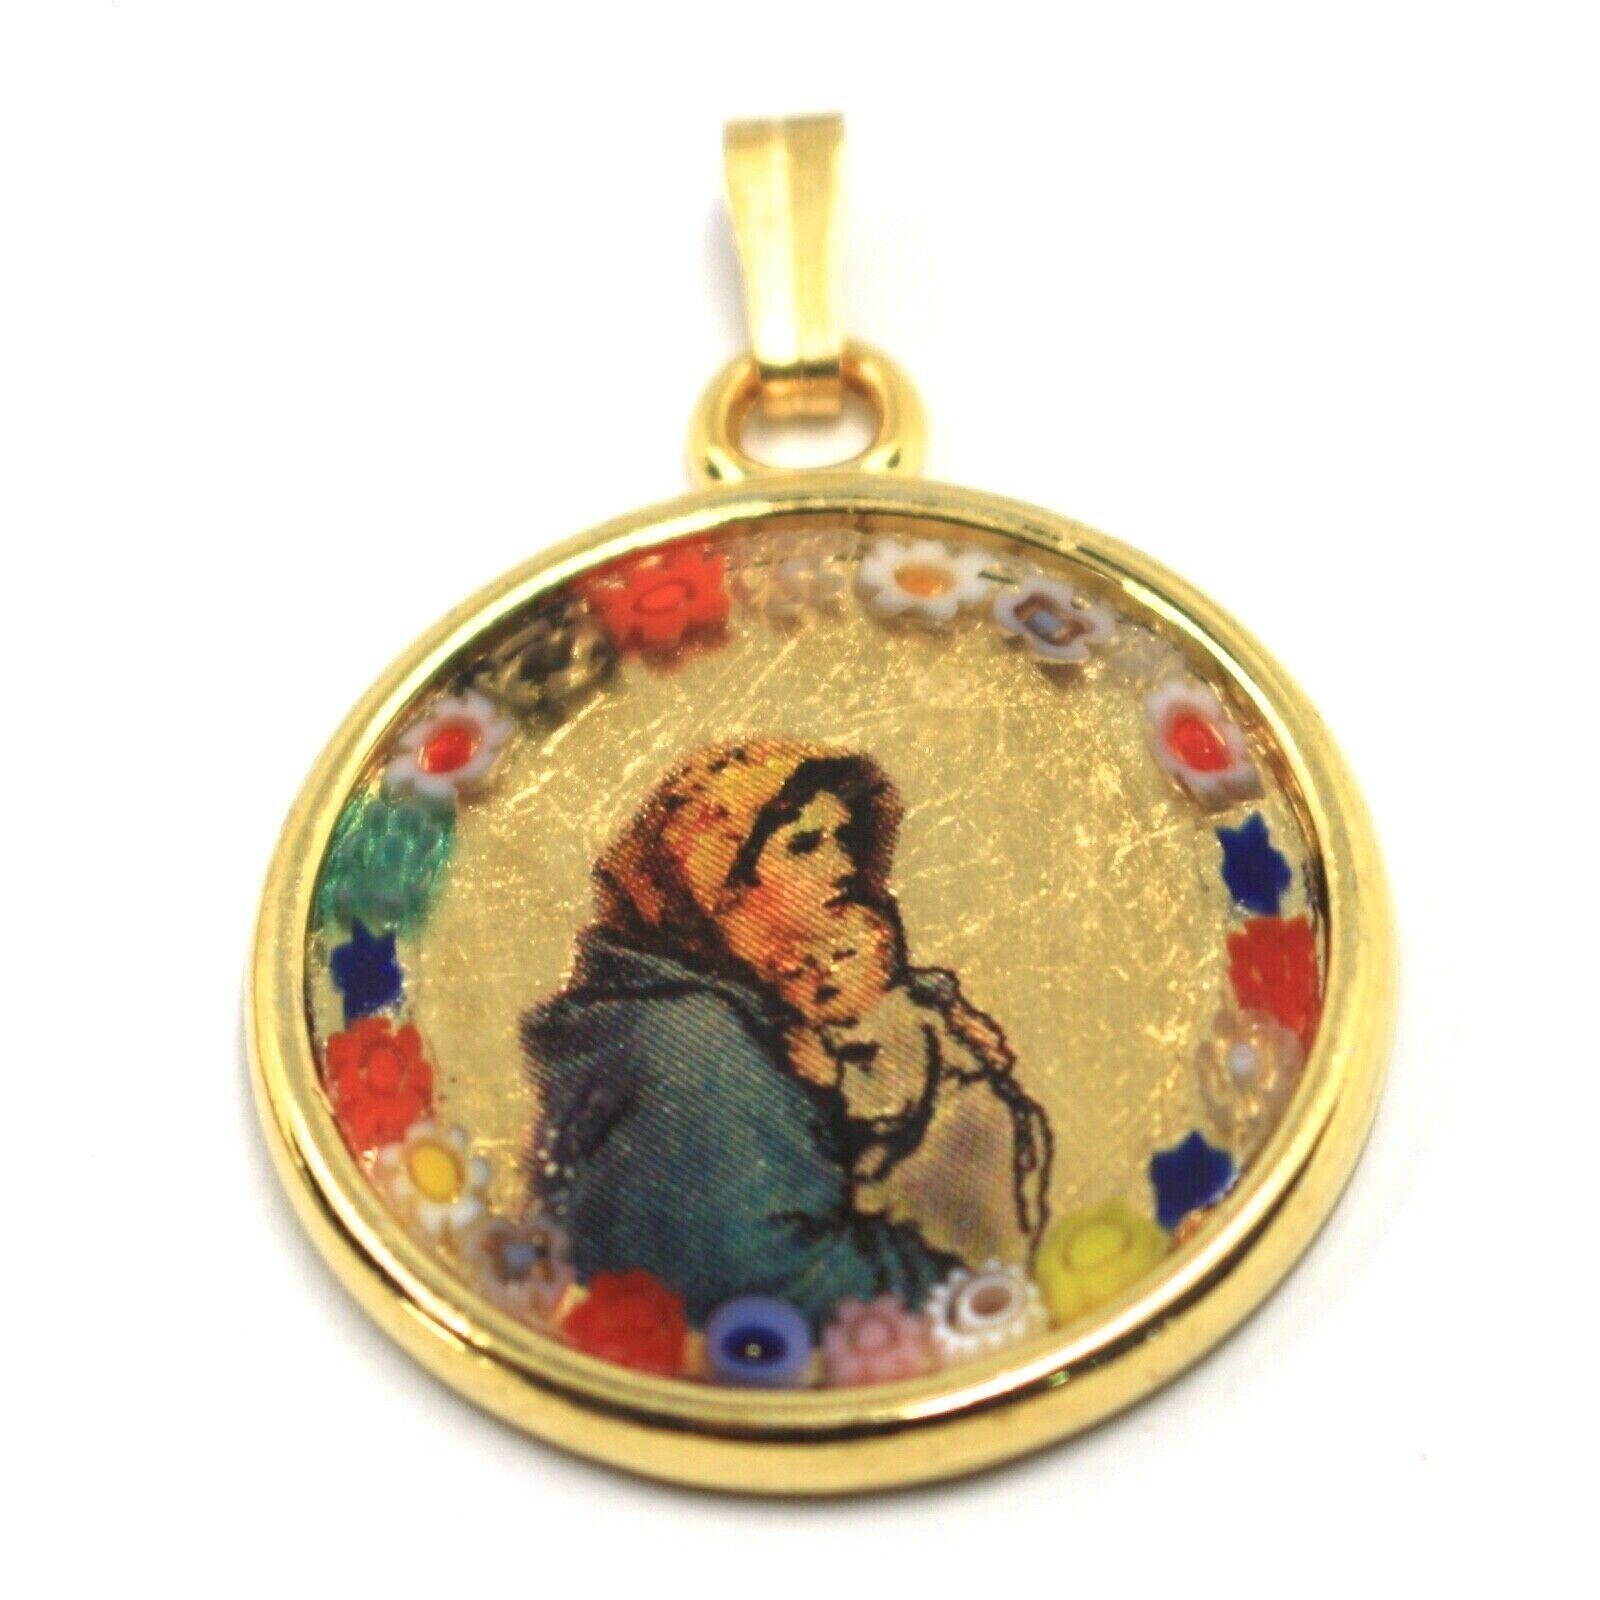 MURANO GLASS ROUND MEDAL PENDANT VIRGIN MARY JESUS, 25mm FLOWER FRAME GOLD LEAF